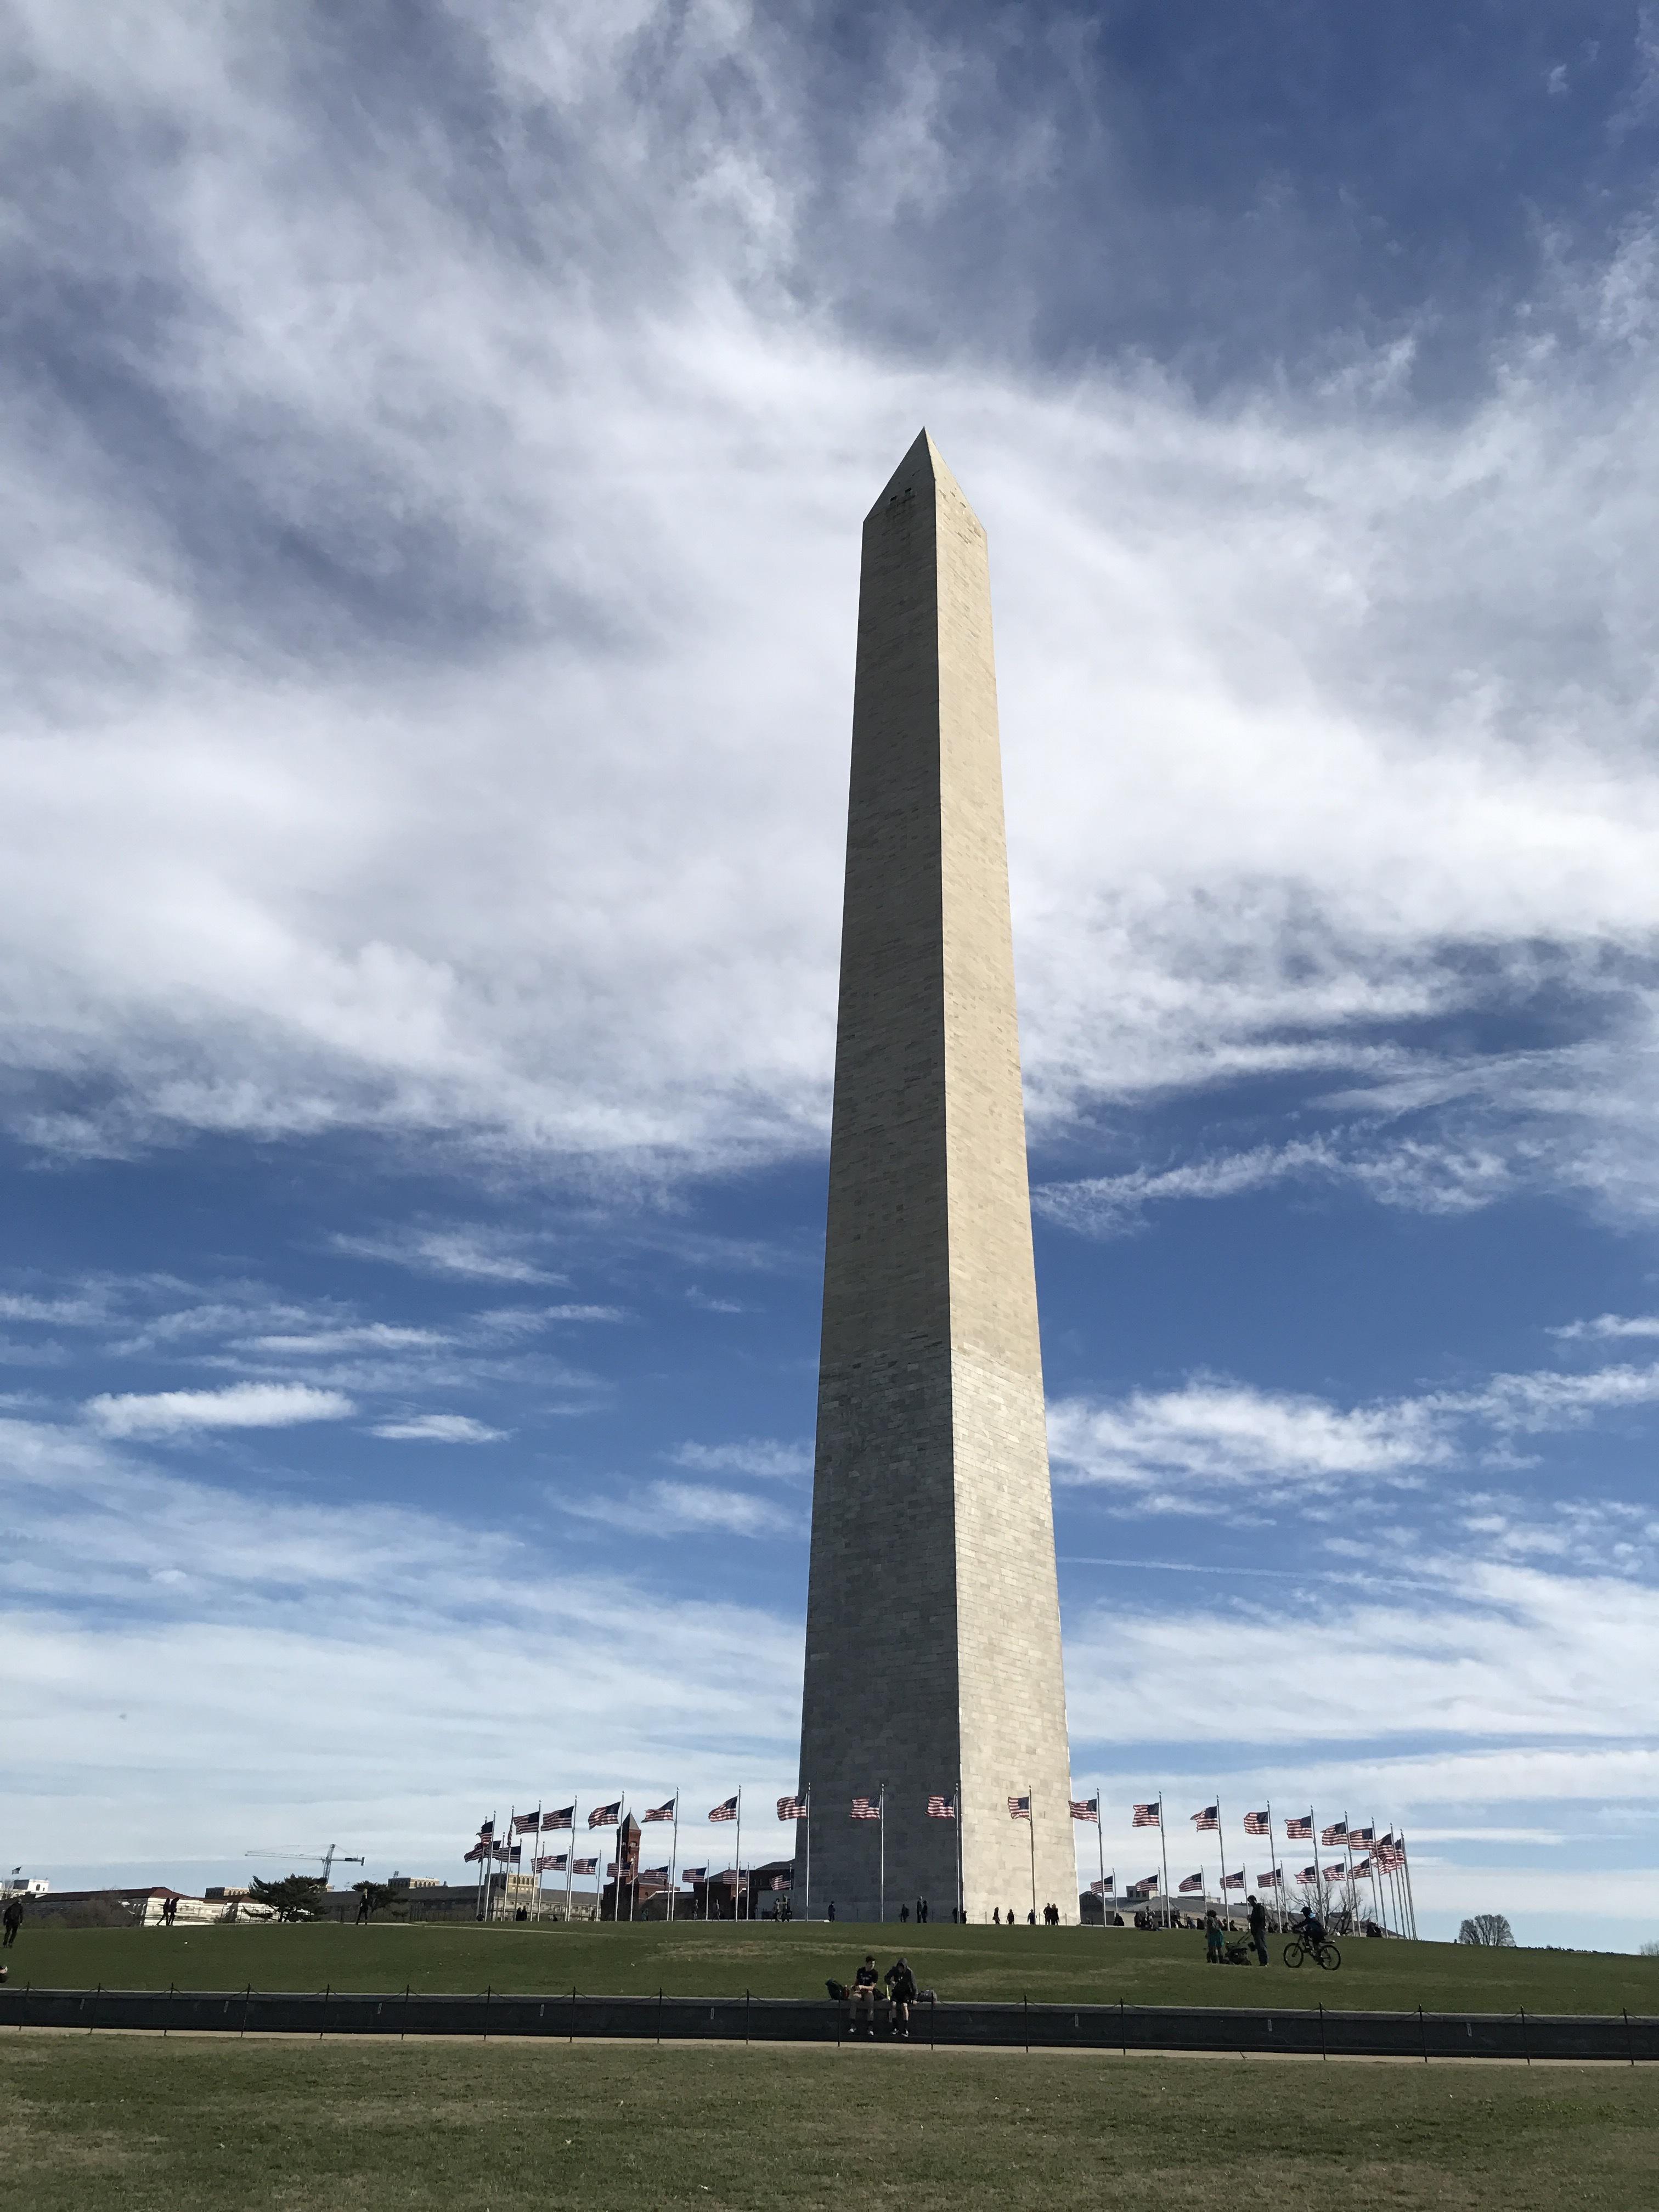 ジョージ・ワシントン記念塔。この周辺の「世界の中心」感がすごい。なんかすごかった